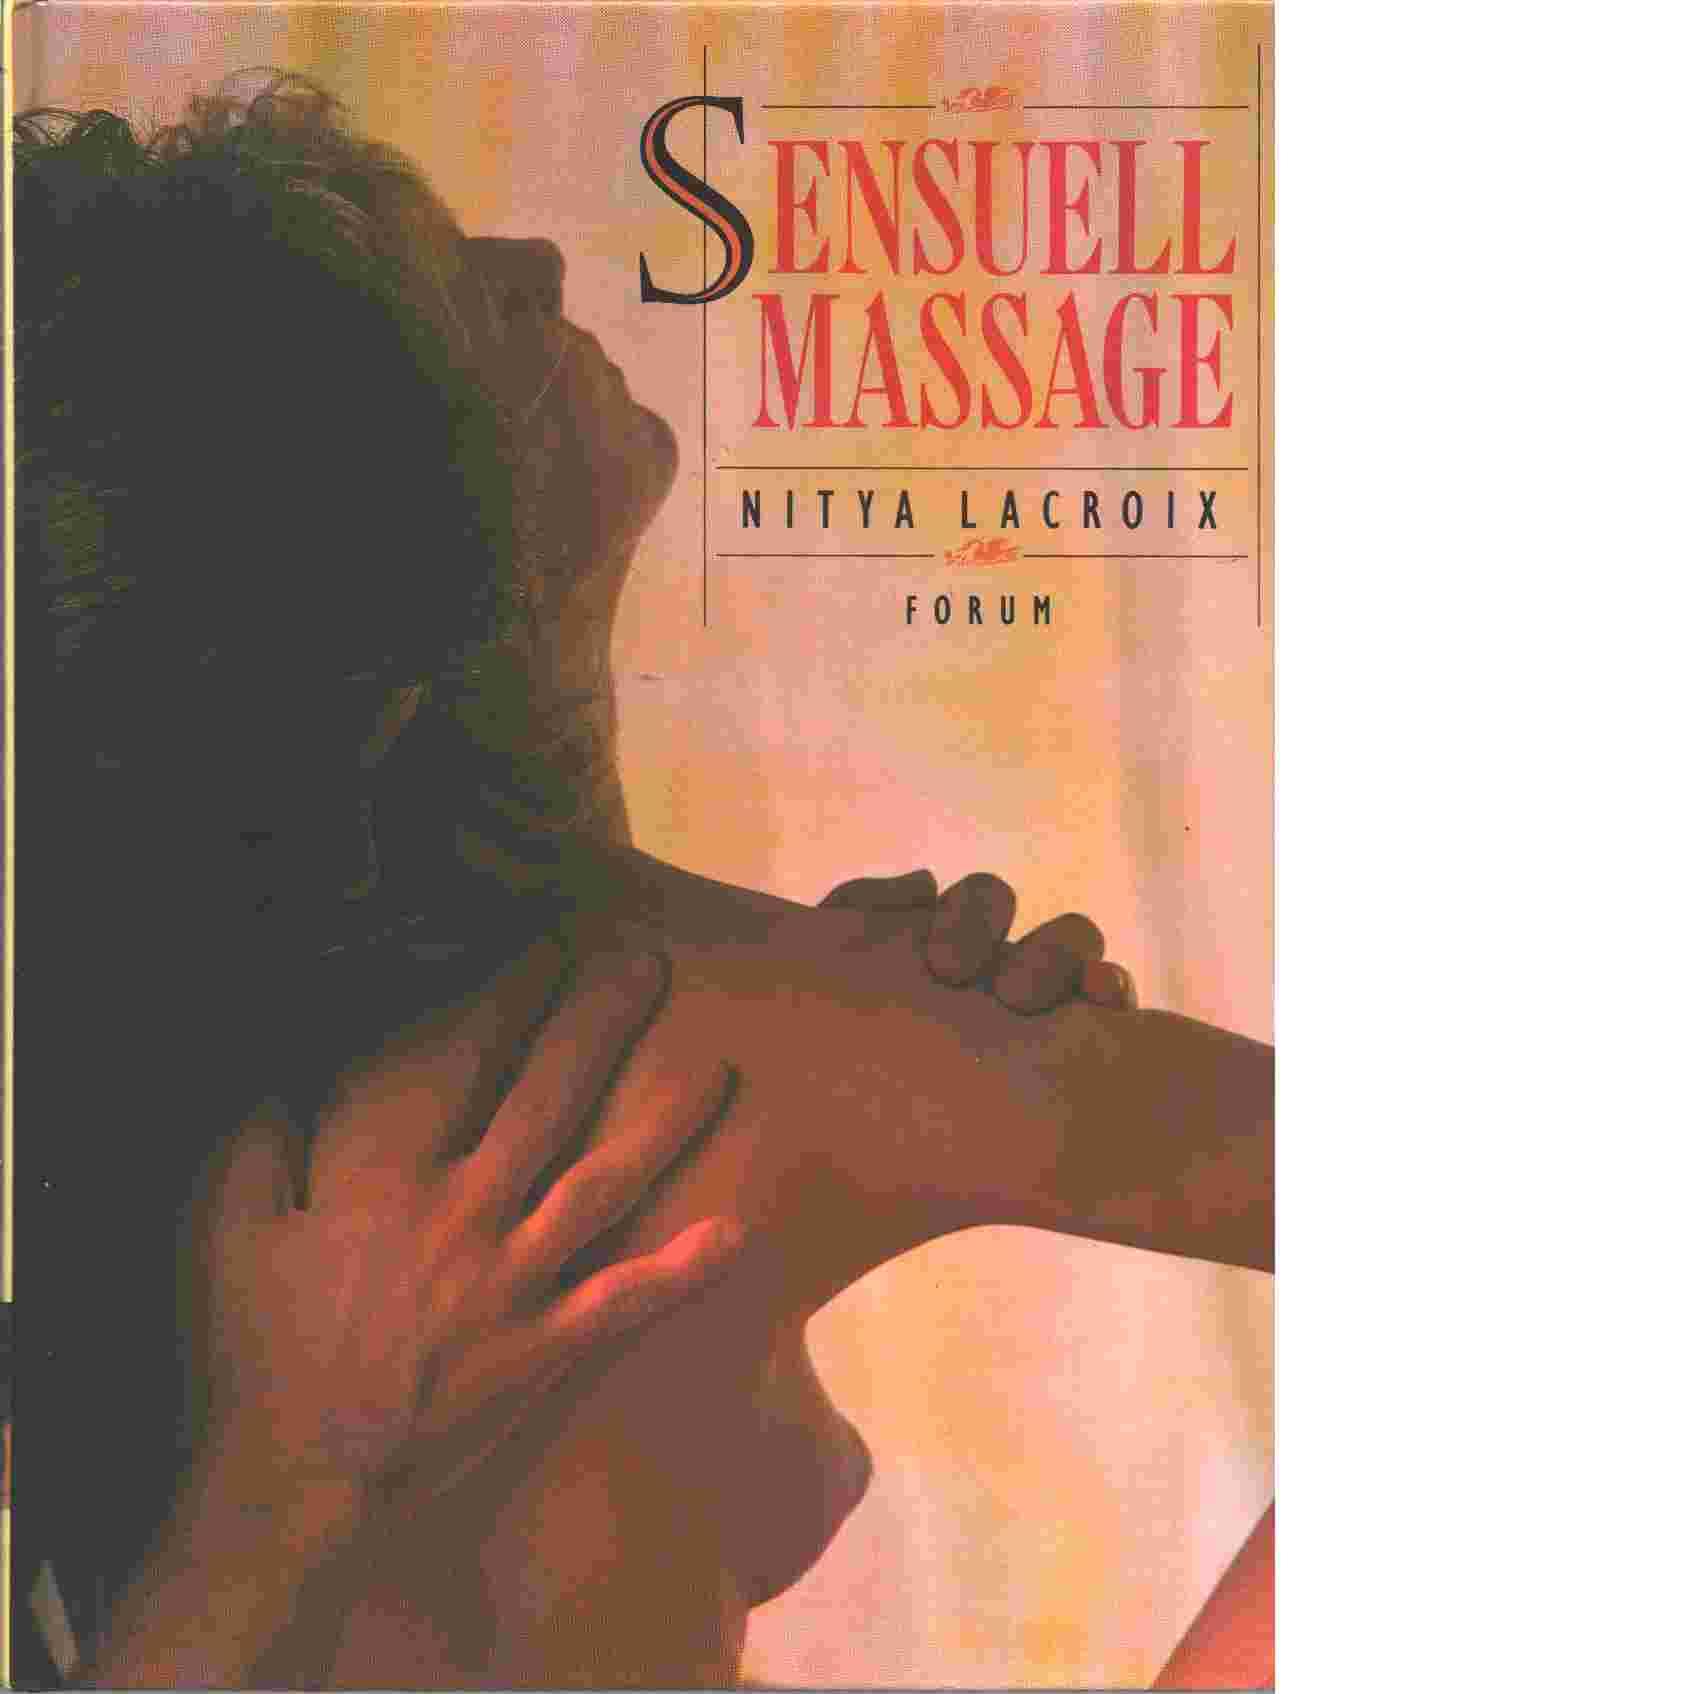 skön massage göteborg sensuell massage skåne